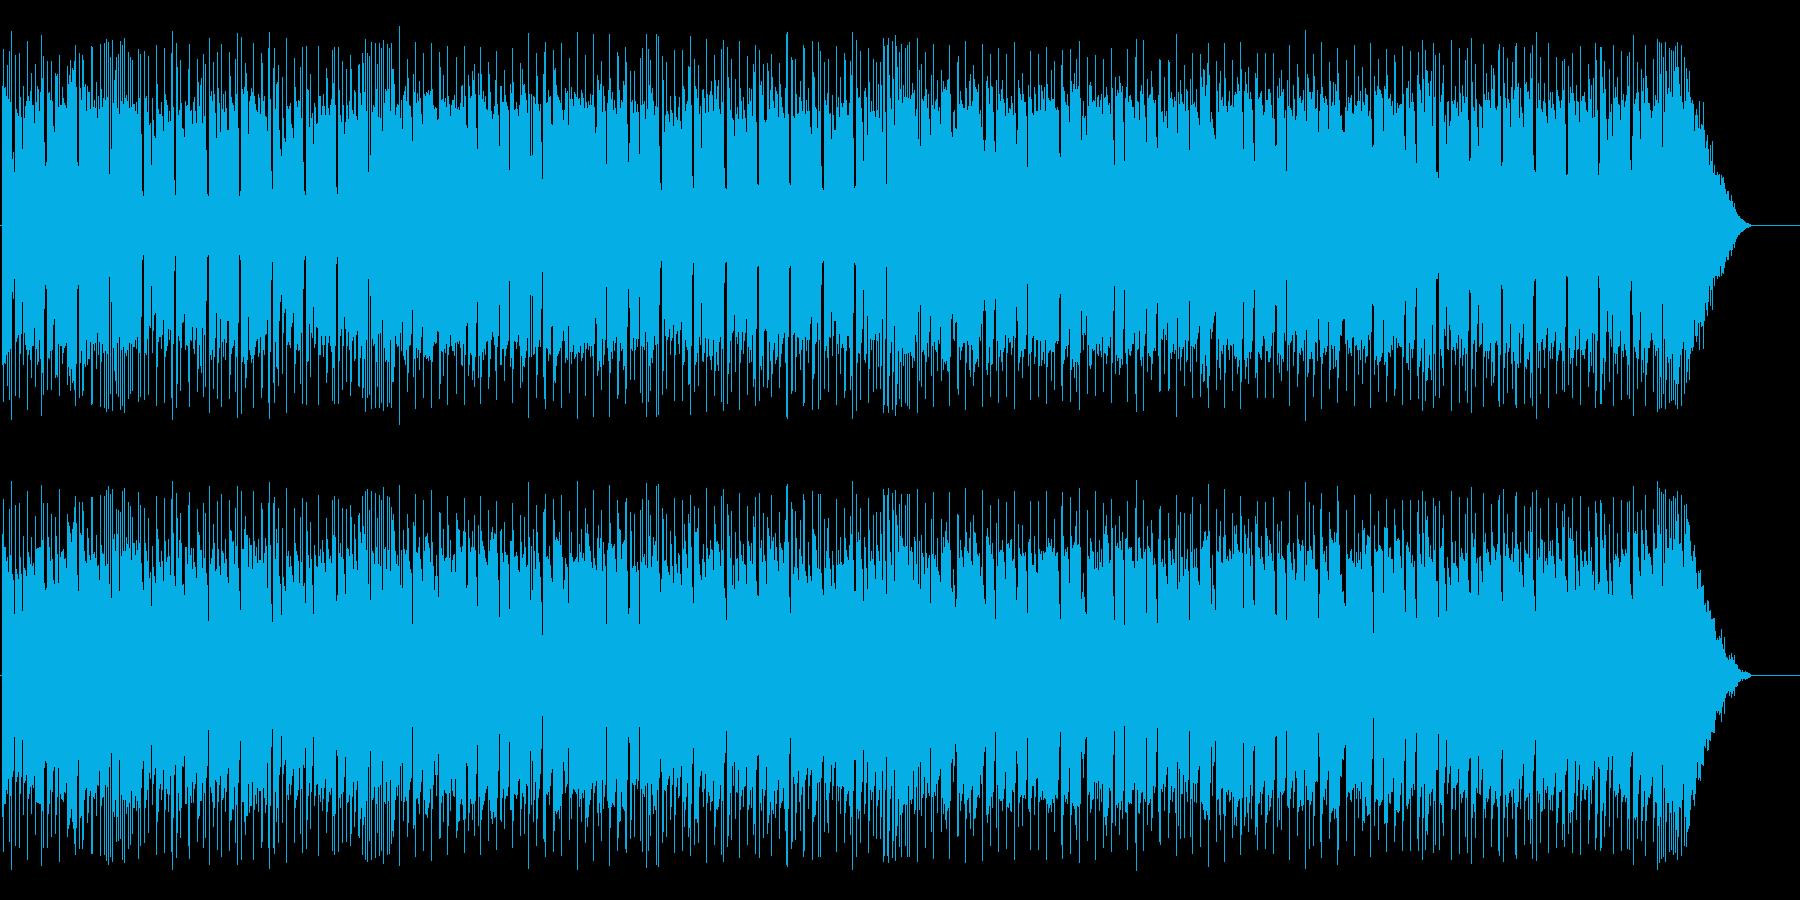 爽やかで癒されるメロディーの再生済みの波形